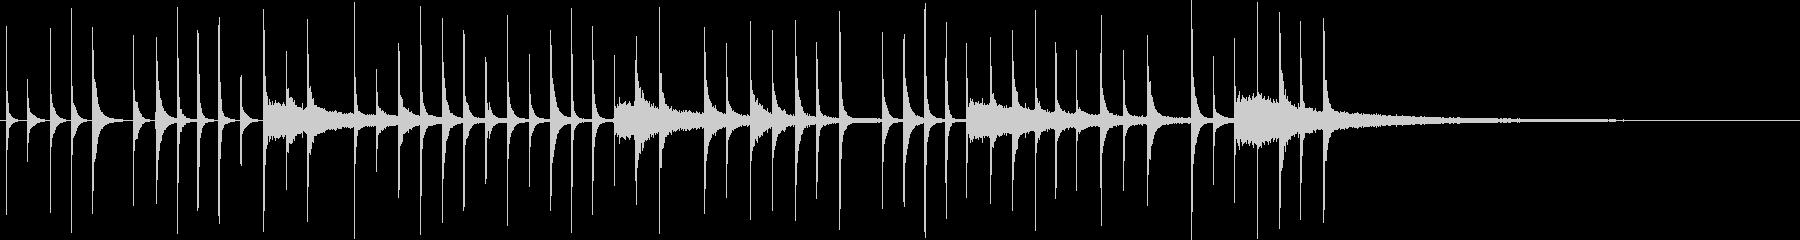 木琴メロディ:中華鍋:Alt:鍋と...の未再生の波形